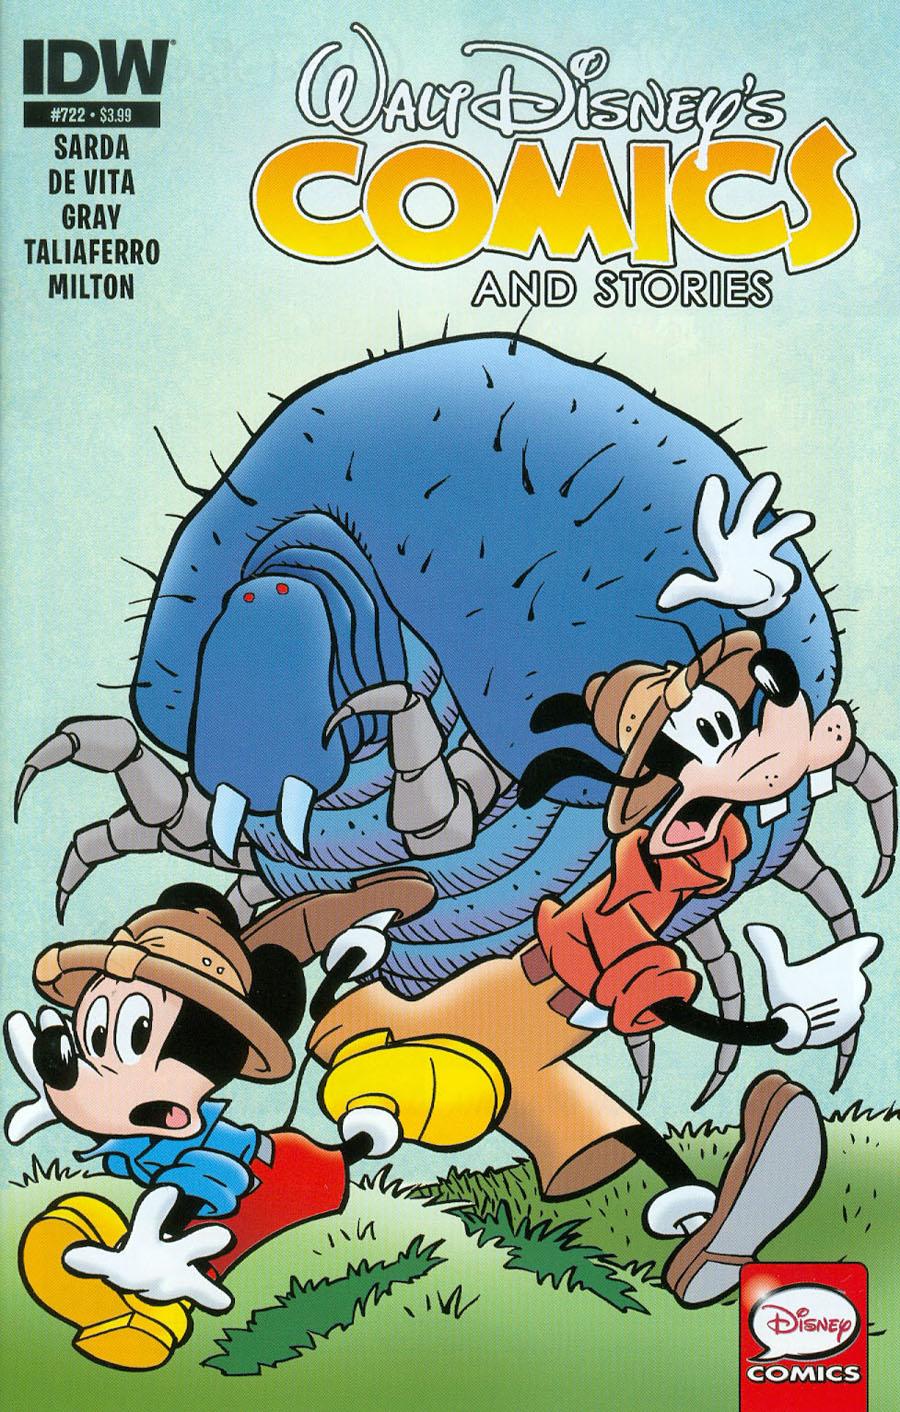 Walt Disneys Comics & Stories #722 Cover A Regular Giorgio Cavazzano Cover